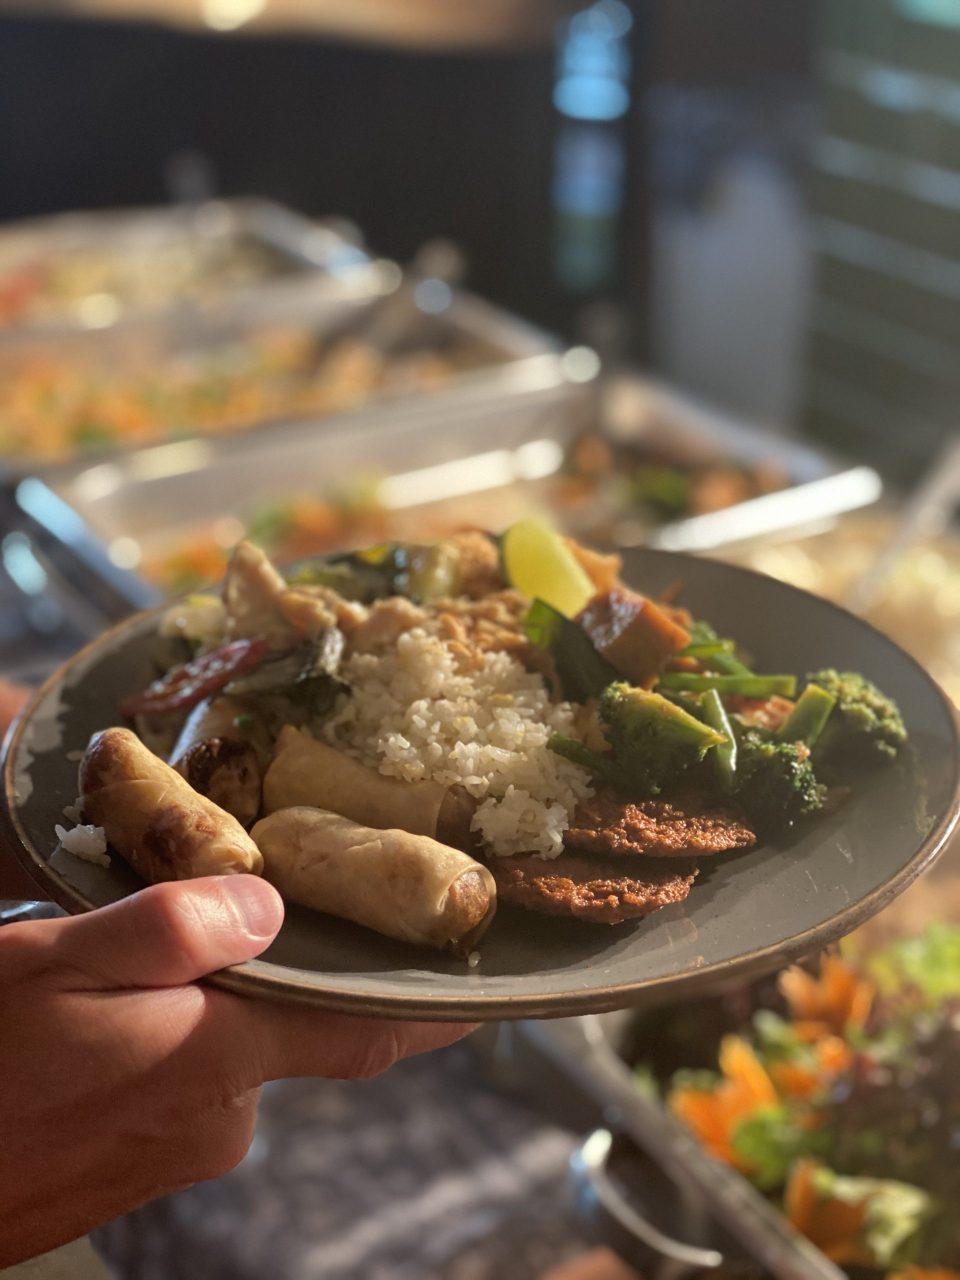 Thai food on a plate